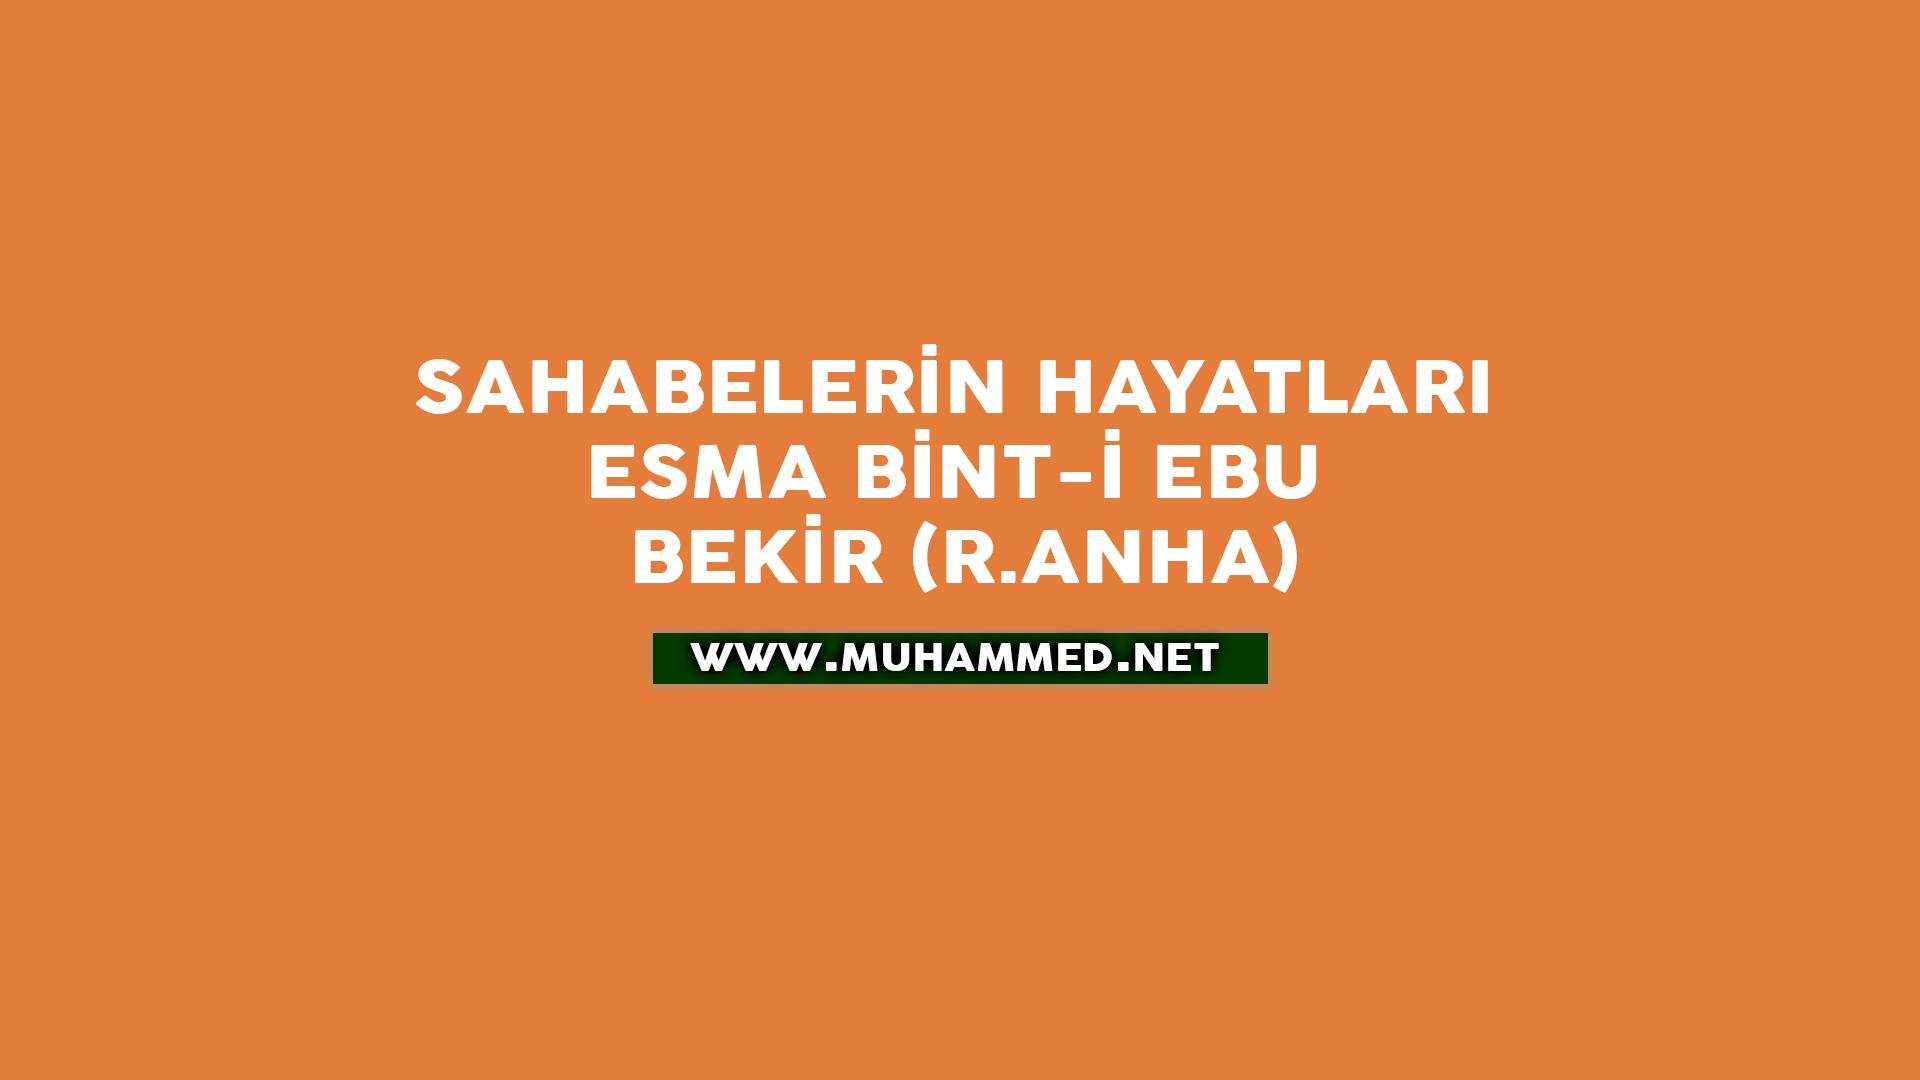 Esma bint-i Ebu Bekir (r.anha)